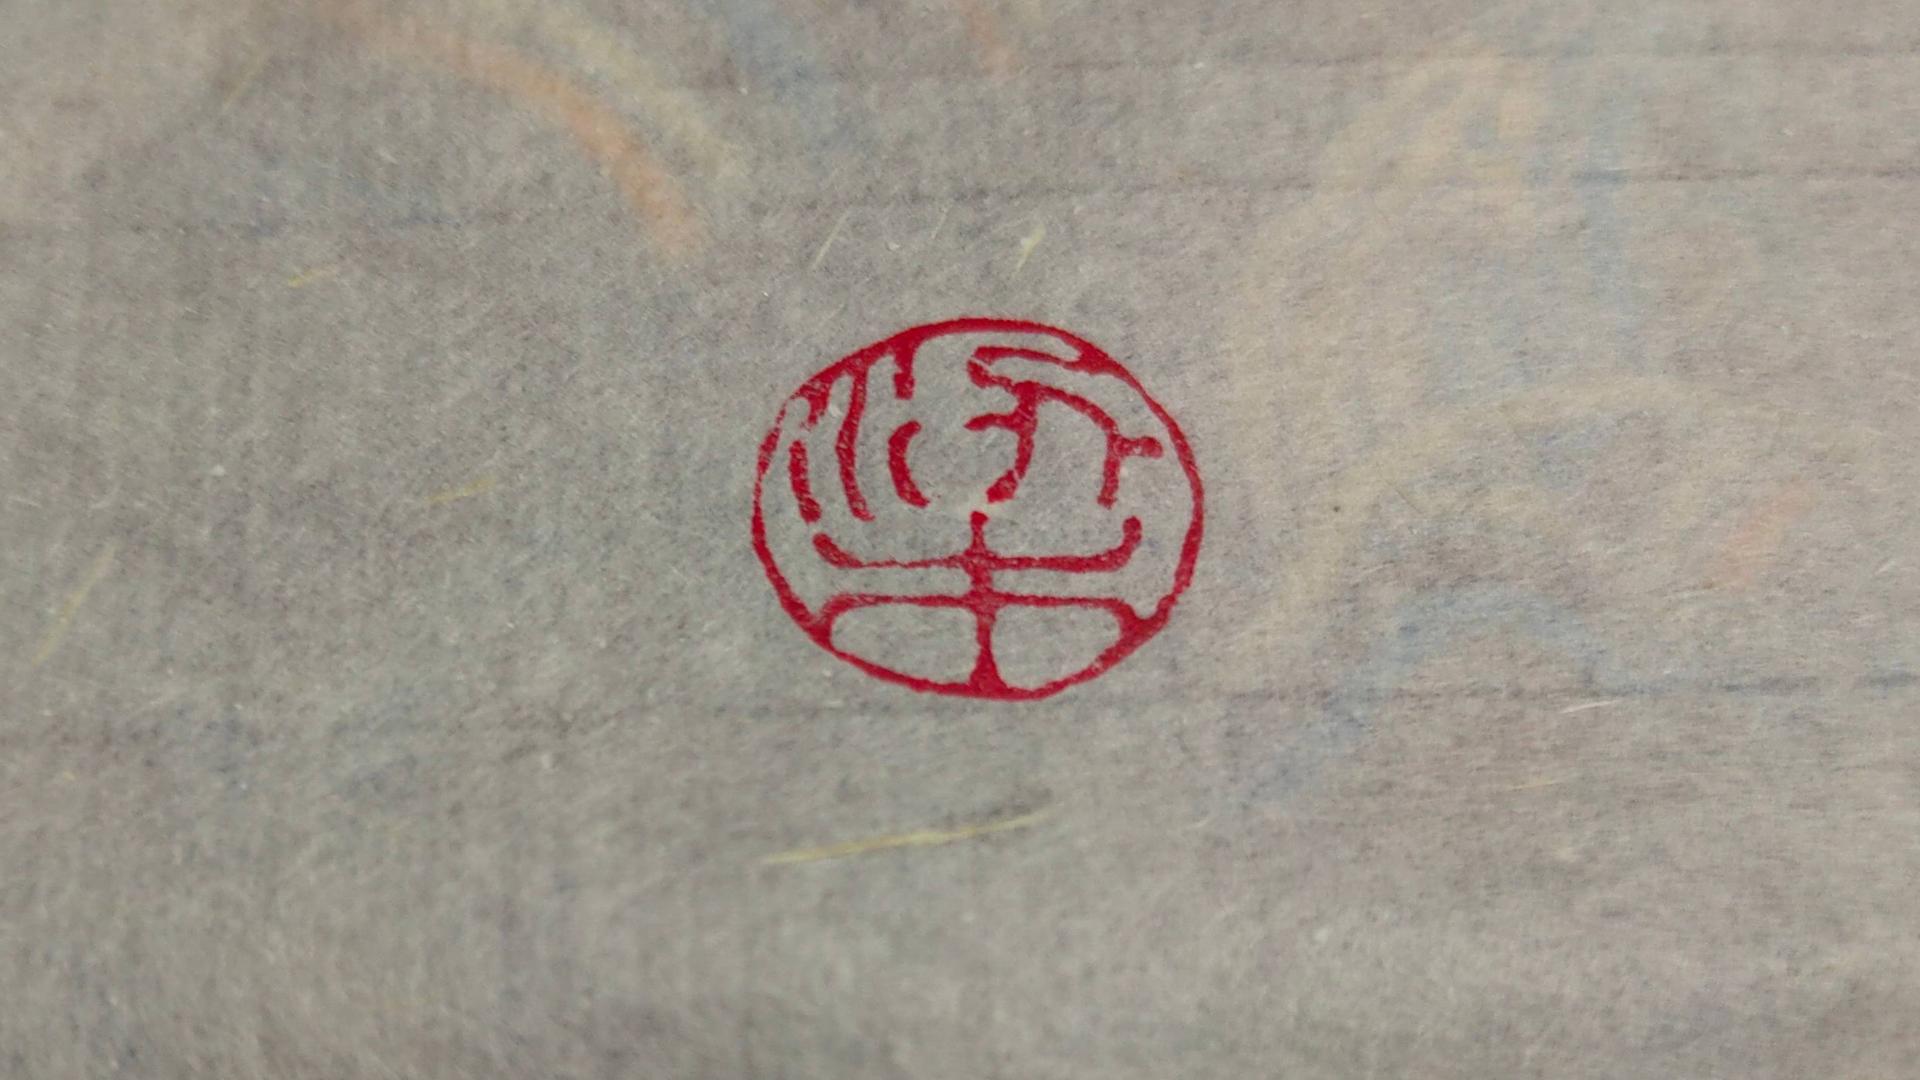 篆刻 1.5x1.5 寿山石 姓名印章 梁